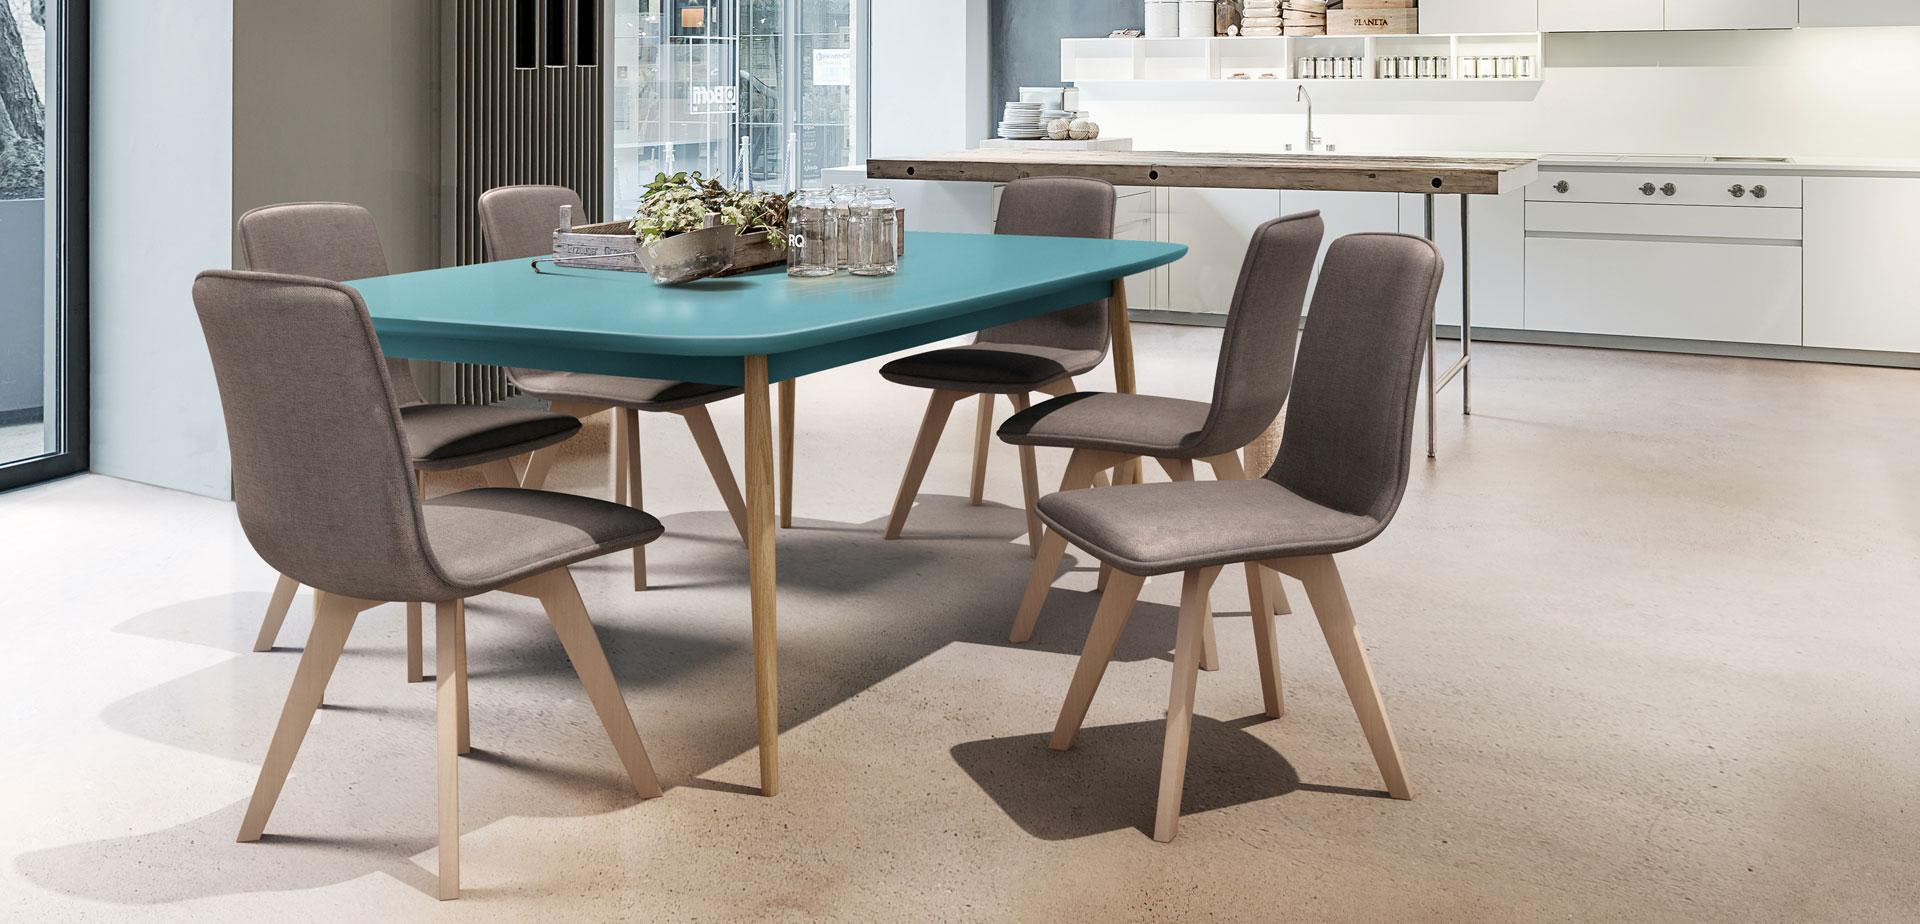 tokyo-sza-c-k-a-c-s-asztal.jpg